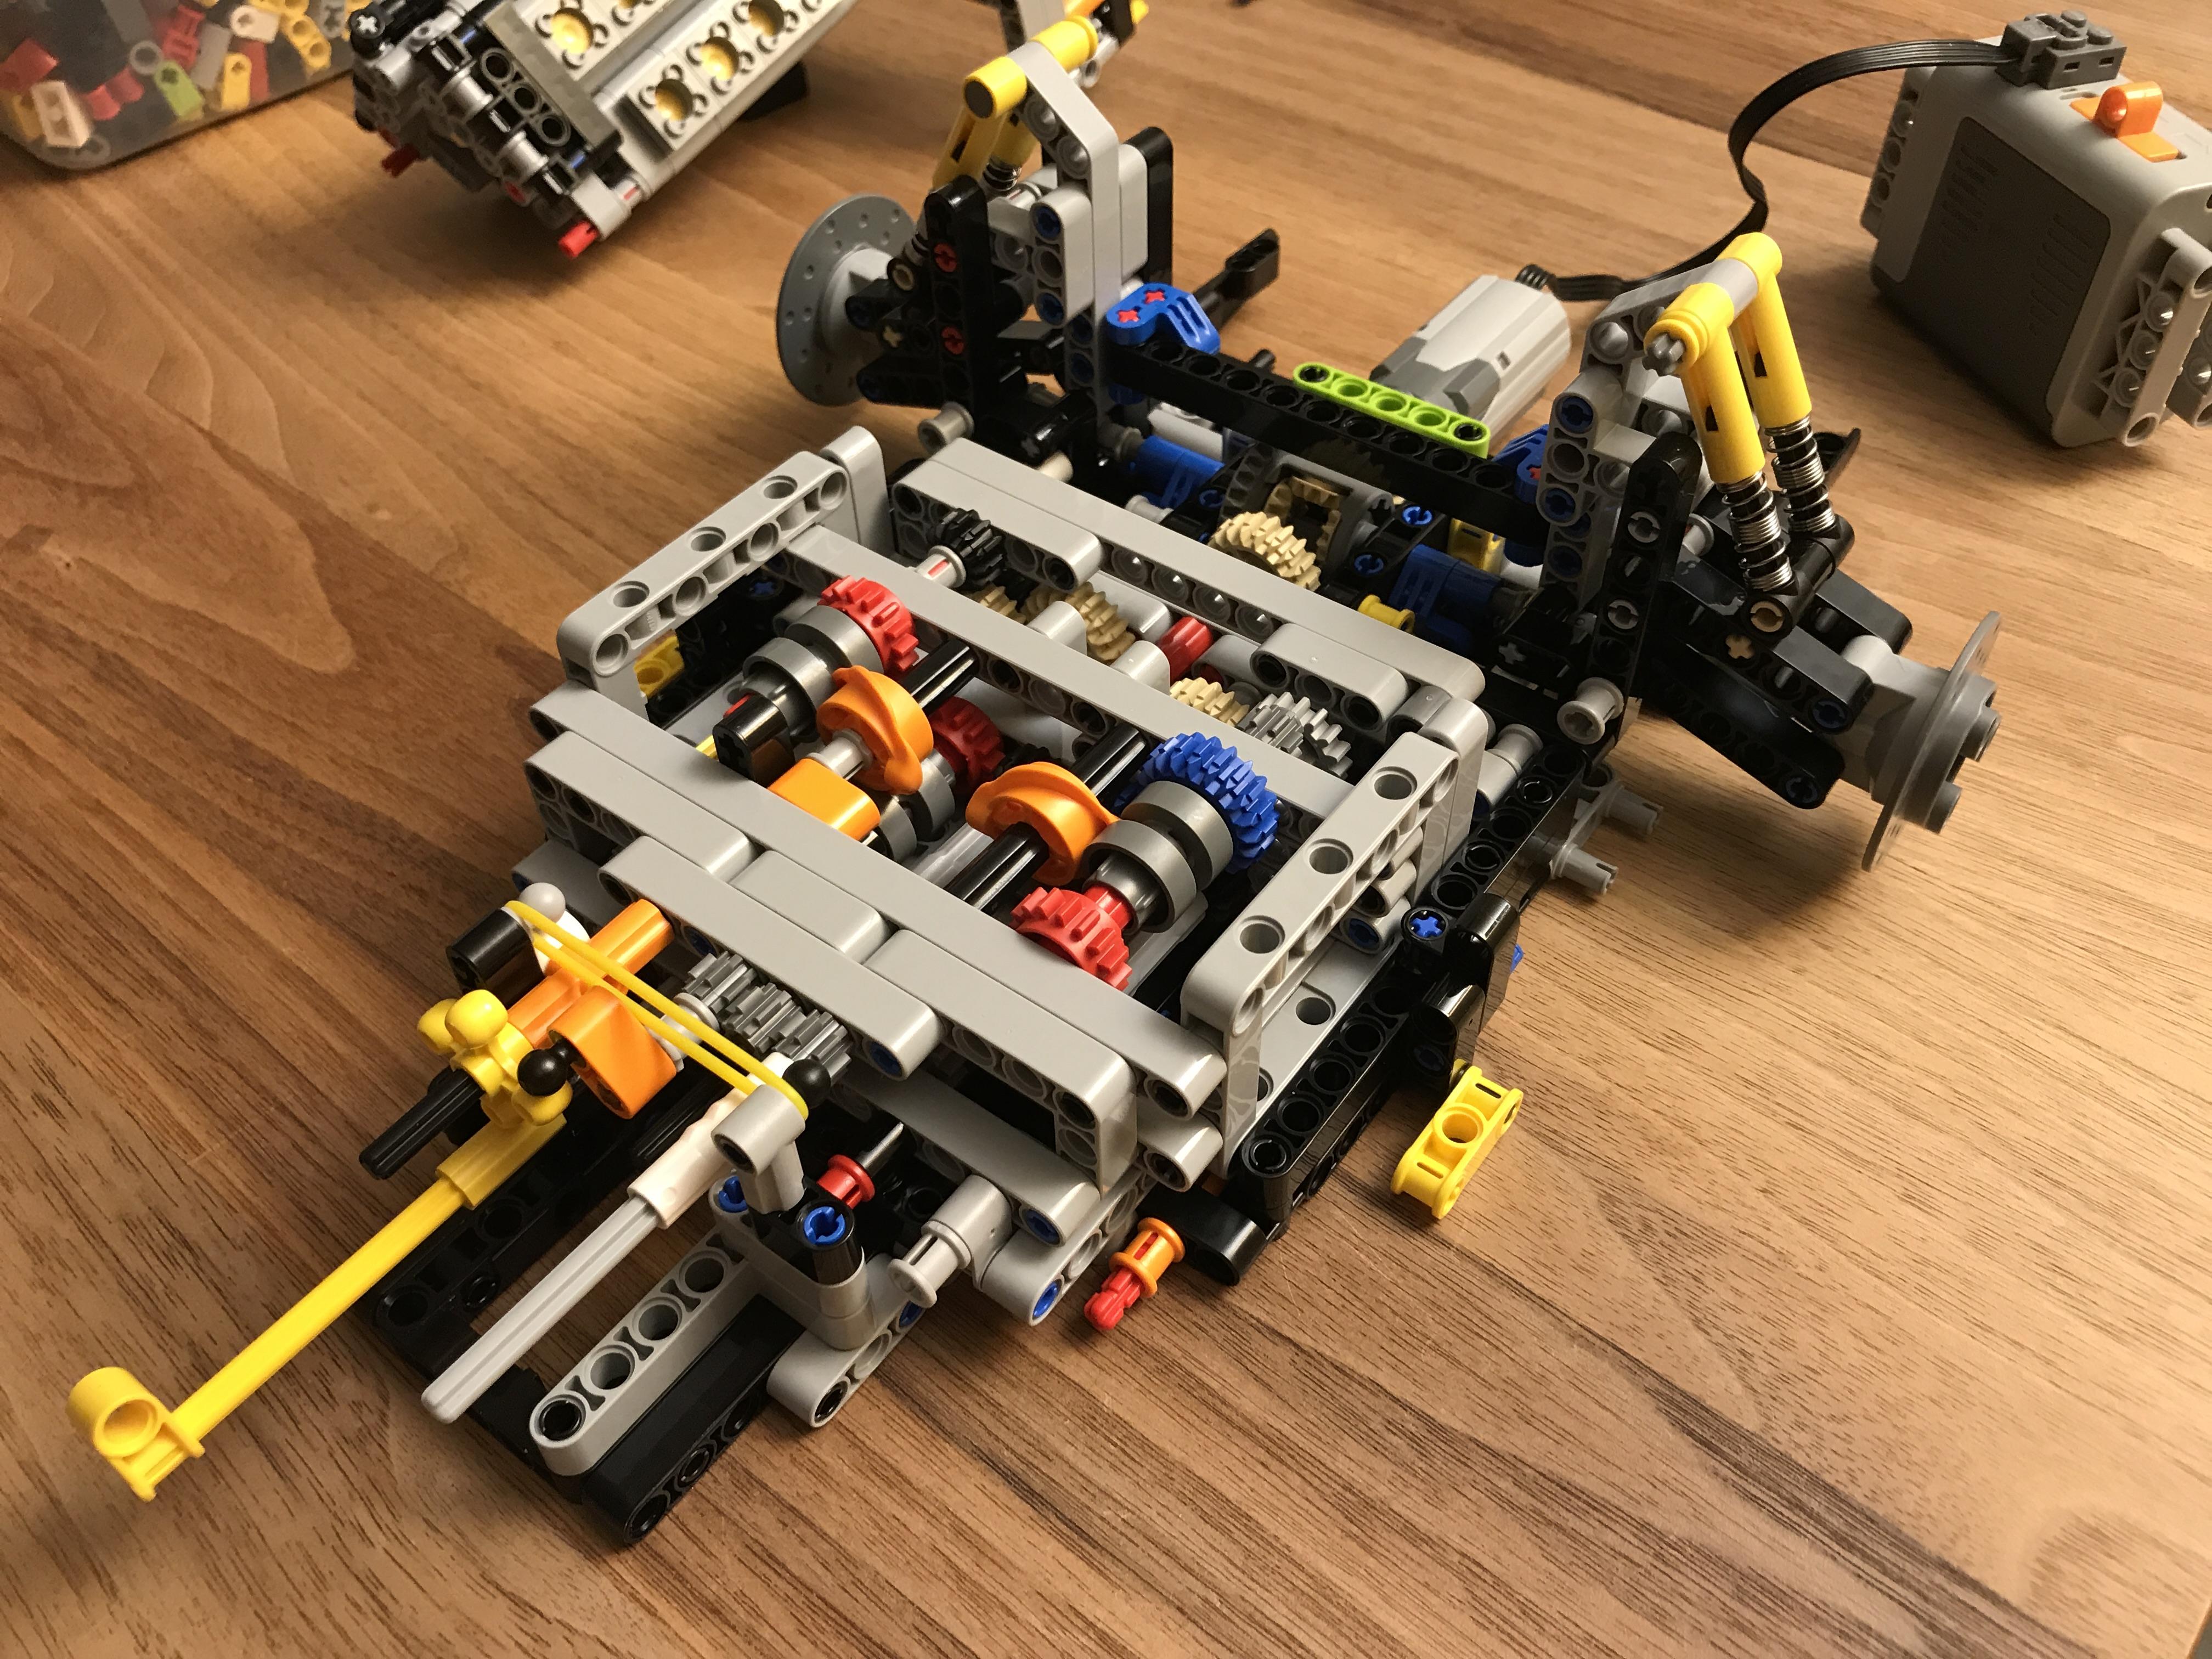 42083 Bugatti Chiron - MODs and Improvements - Page 9 - LEGO